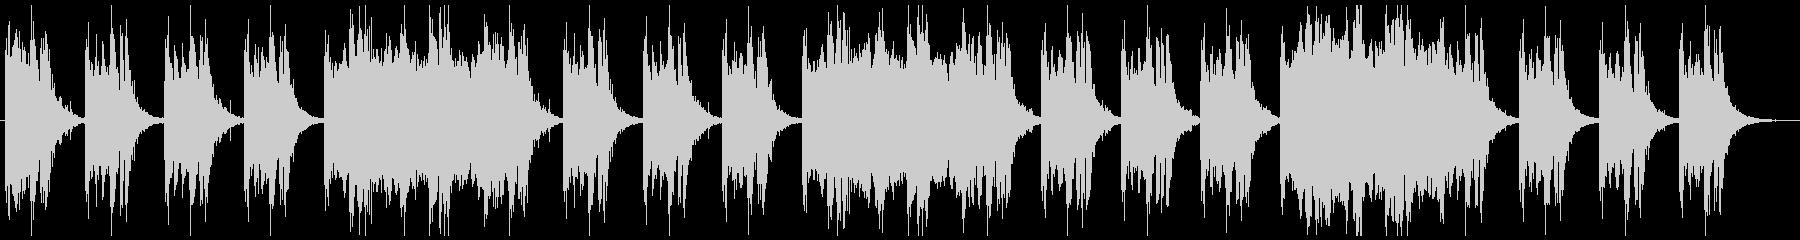 恐怖感を演出 ダークなシネマチックBGMの未再生の波形